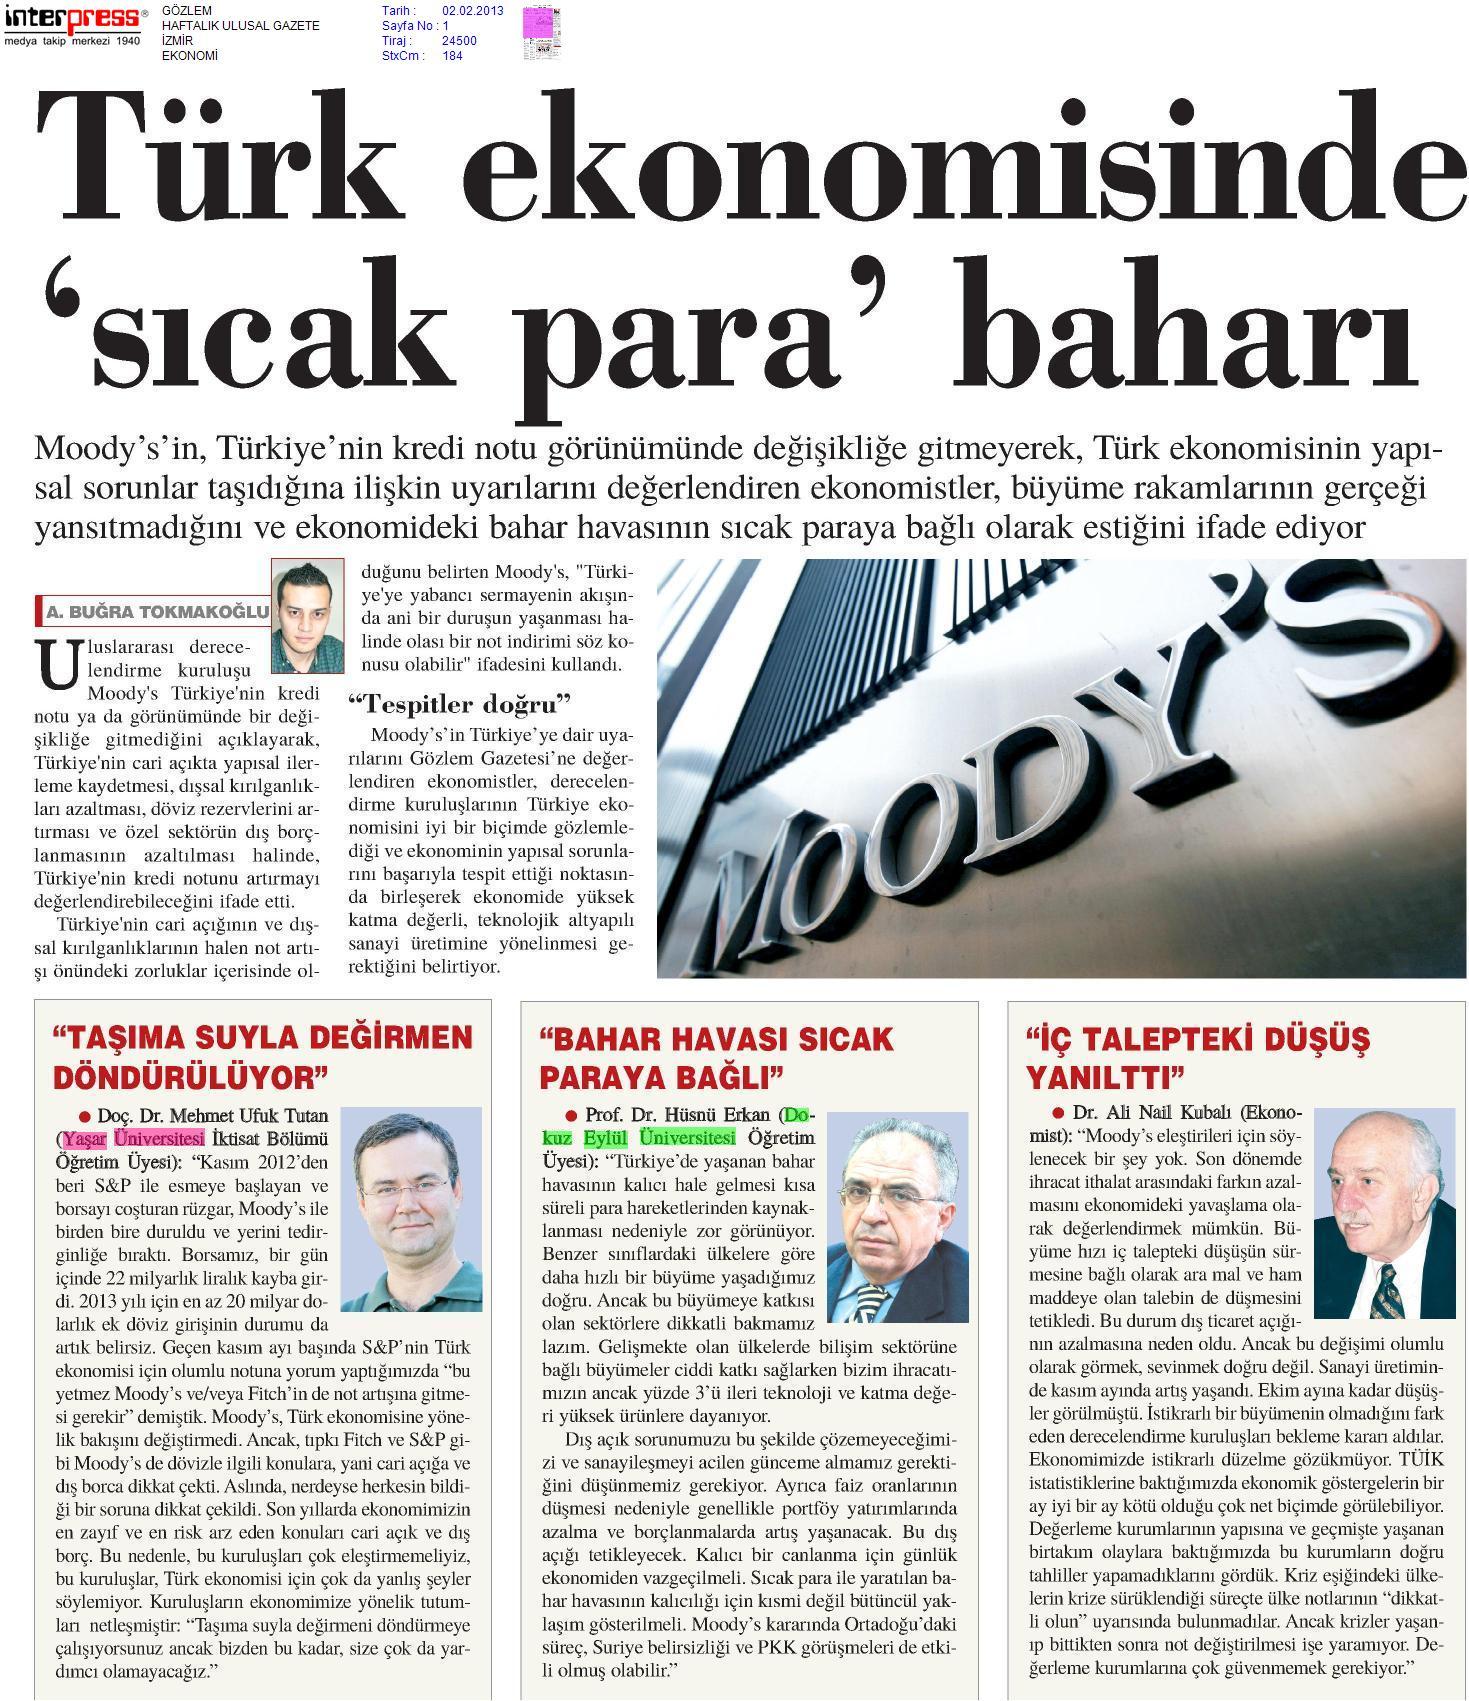 GÖZLEM Gazetesi- Türk ekonomisinde sıcak para baharı ...